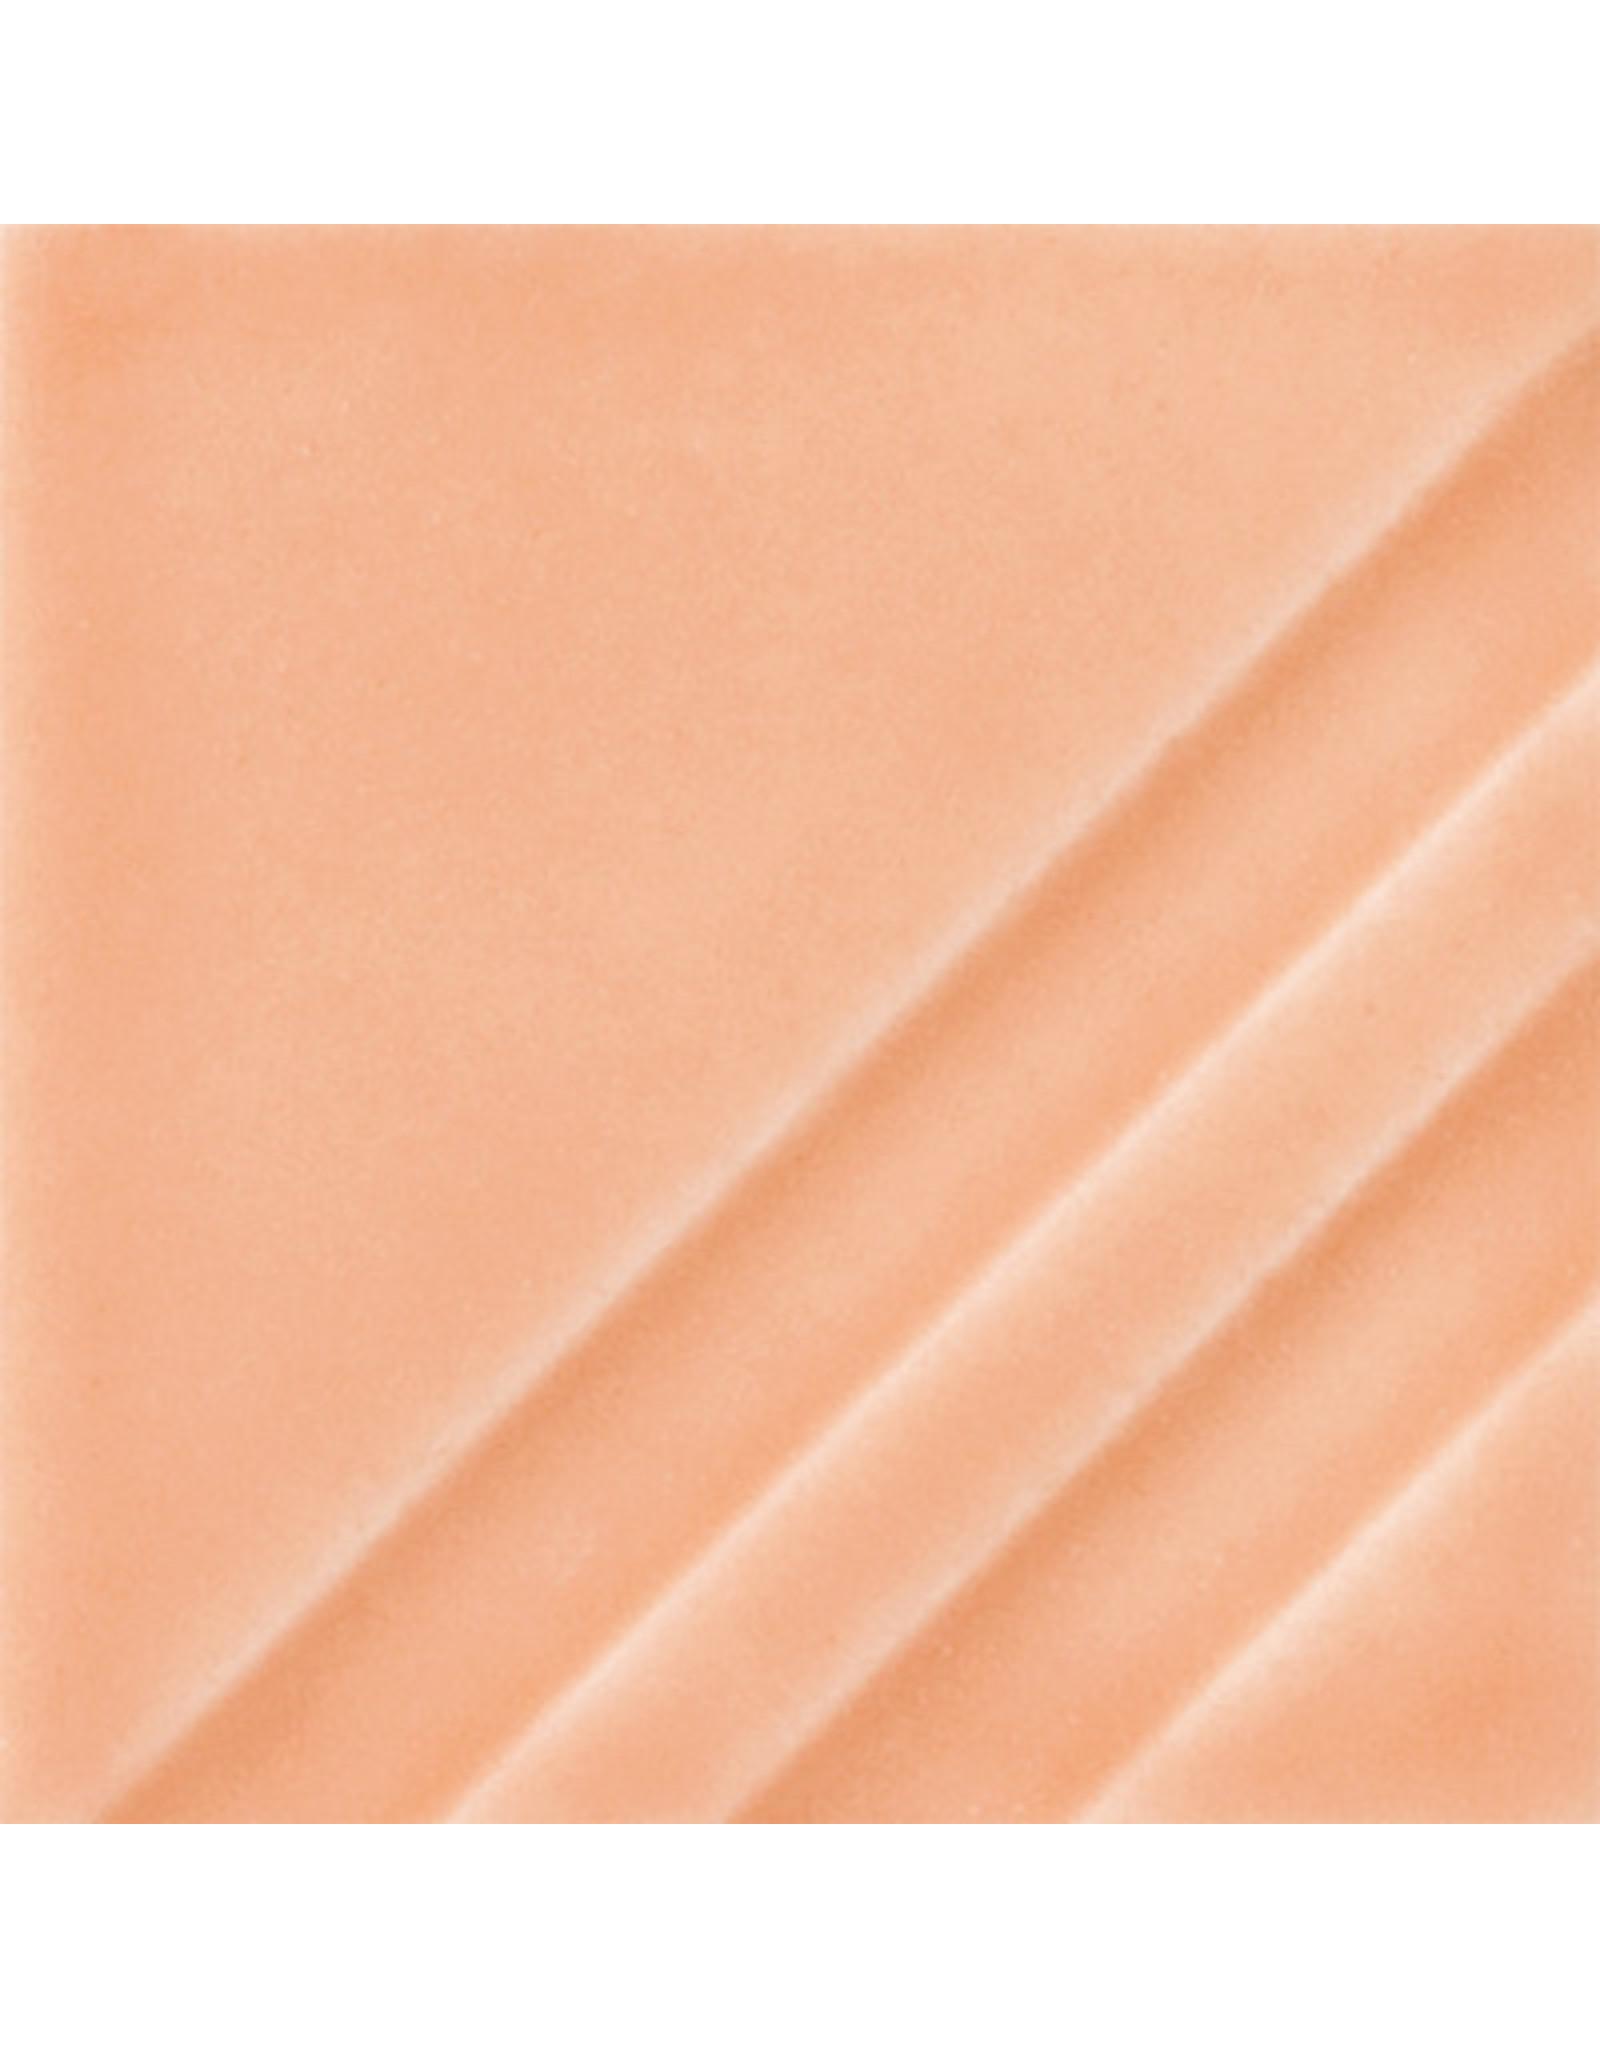 Mayco Mayco Foundations Crystal Coral 118ml